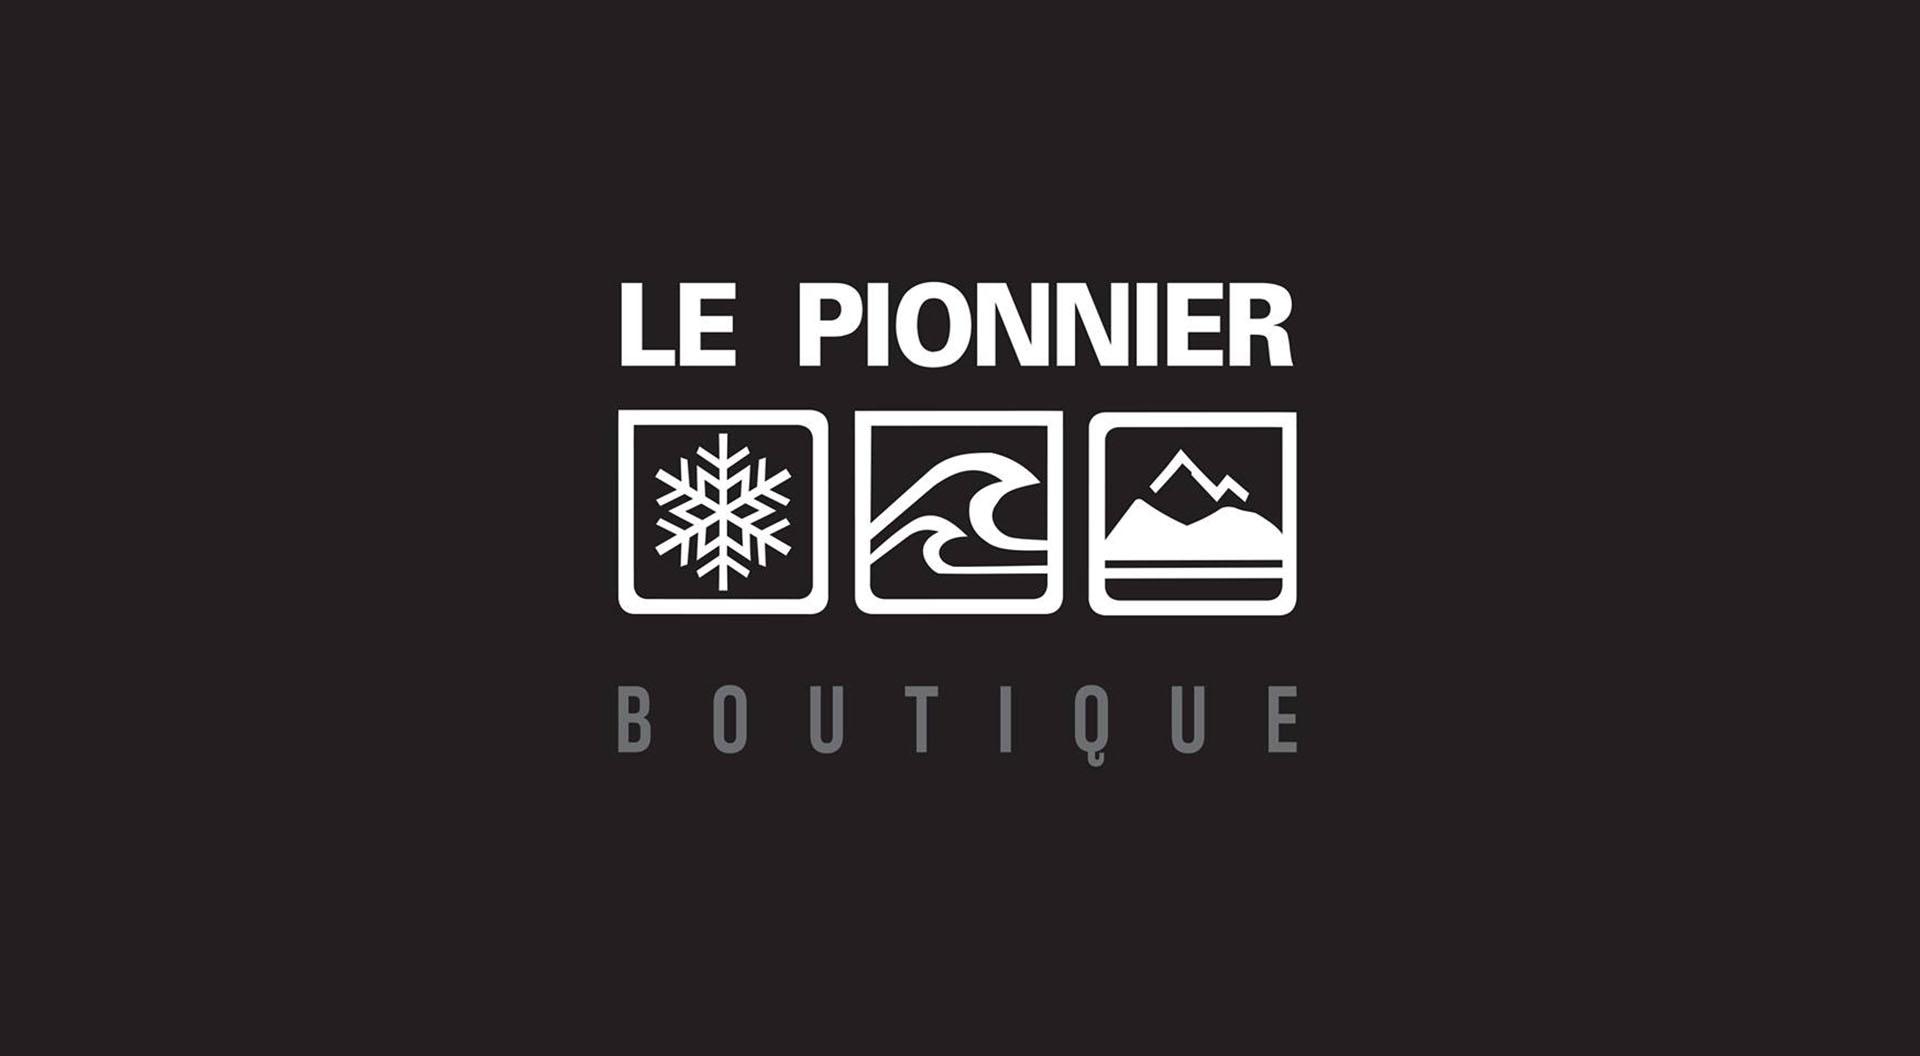 Boutique Le Pionnier